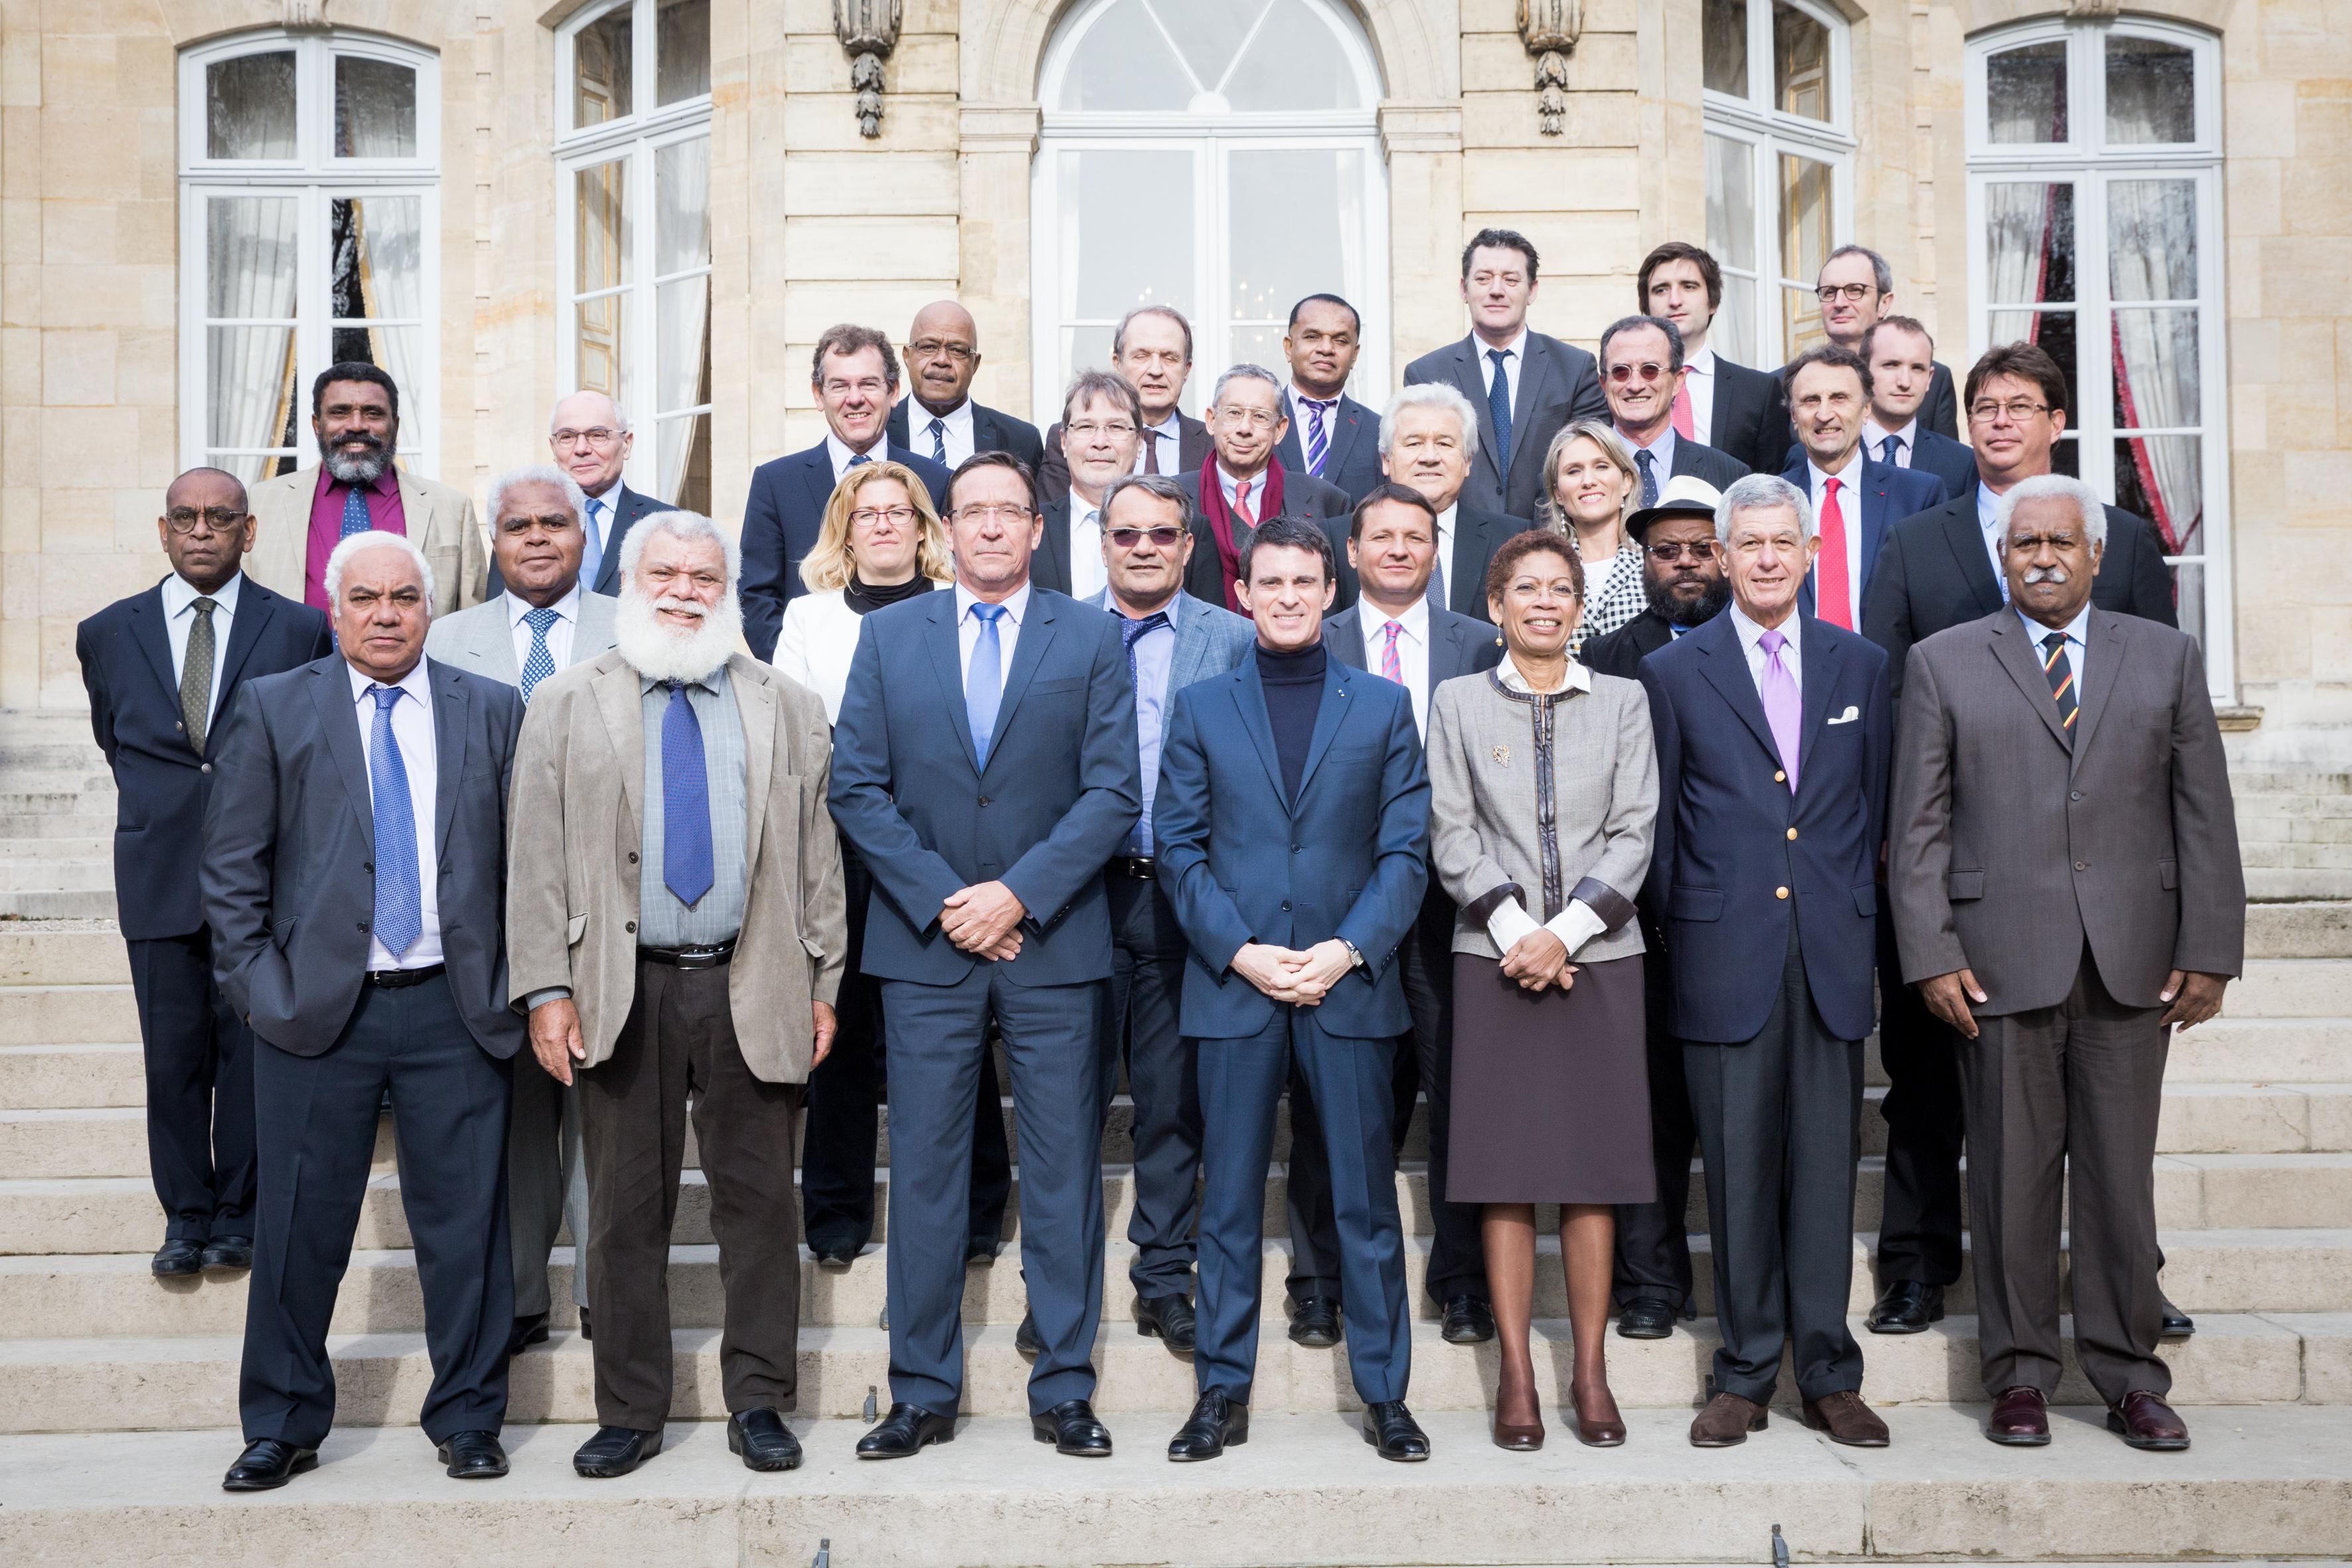 Les élus de la Nouvelle-Calédonie entourant lePremier ministre lors du comité des signataires de l'Accord de Nouméa en Février 2016. Alain Christnacht y présentait les résultats de sa mission ©Matignon